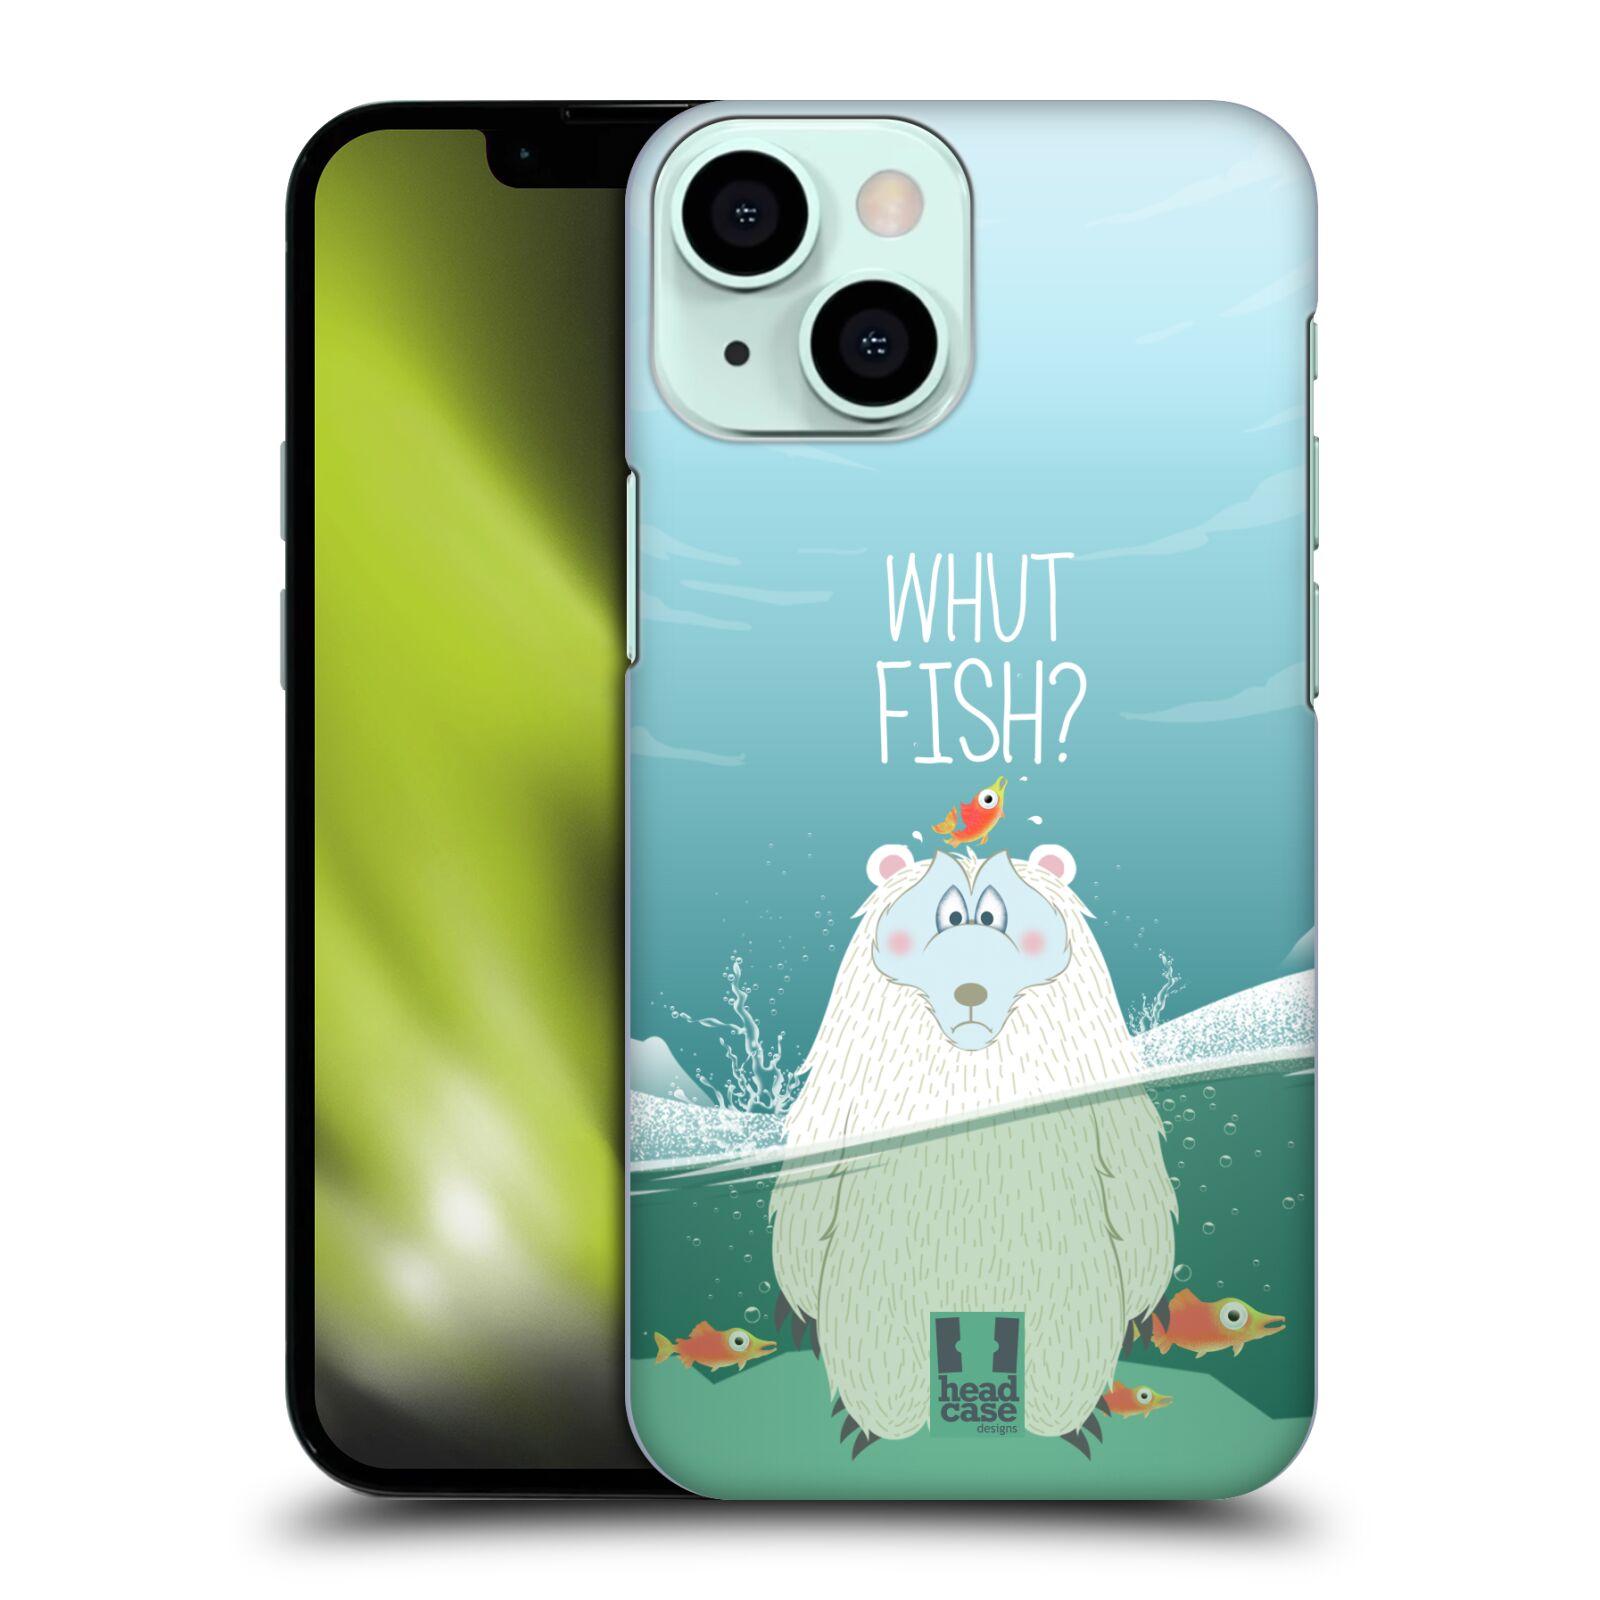 Plastové pouzdro na mobil Apple iPhone 13 Mini - Head Case - Medvěd Whut Fish?